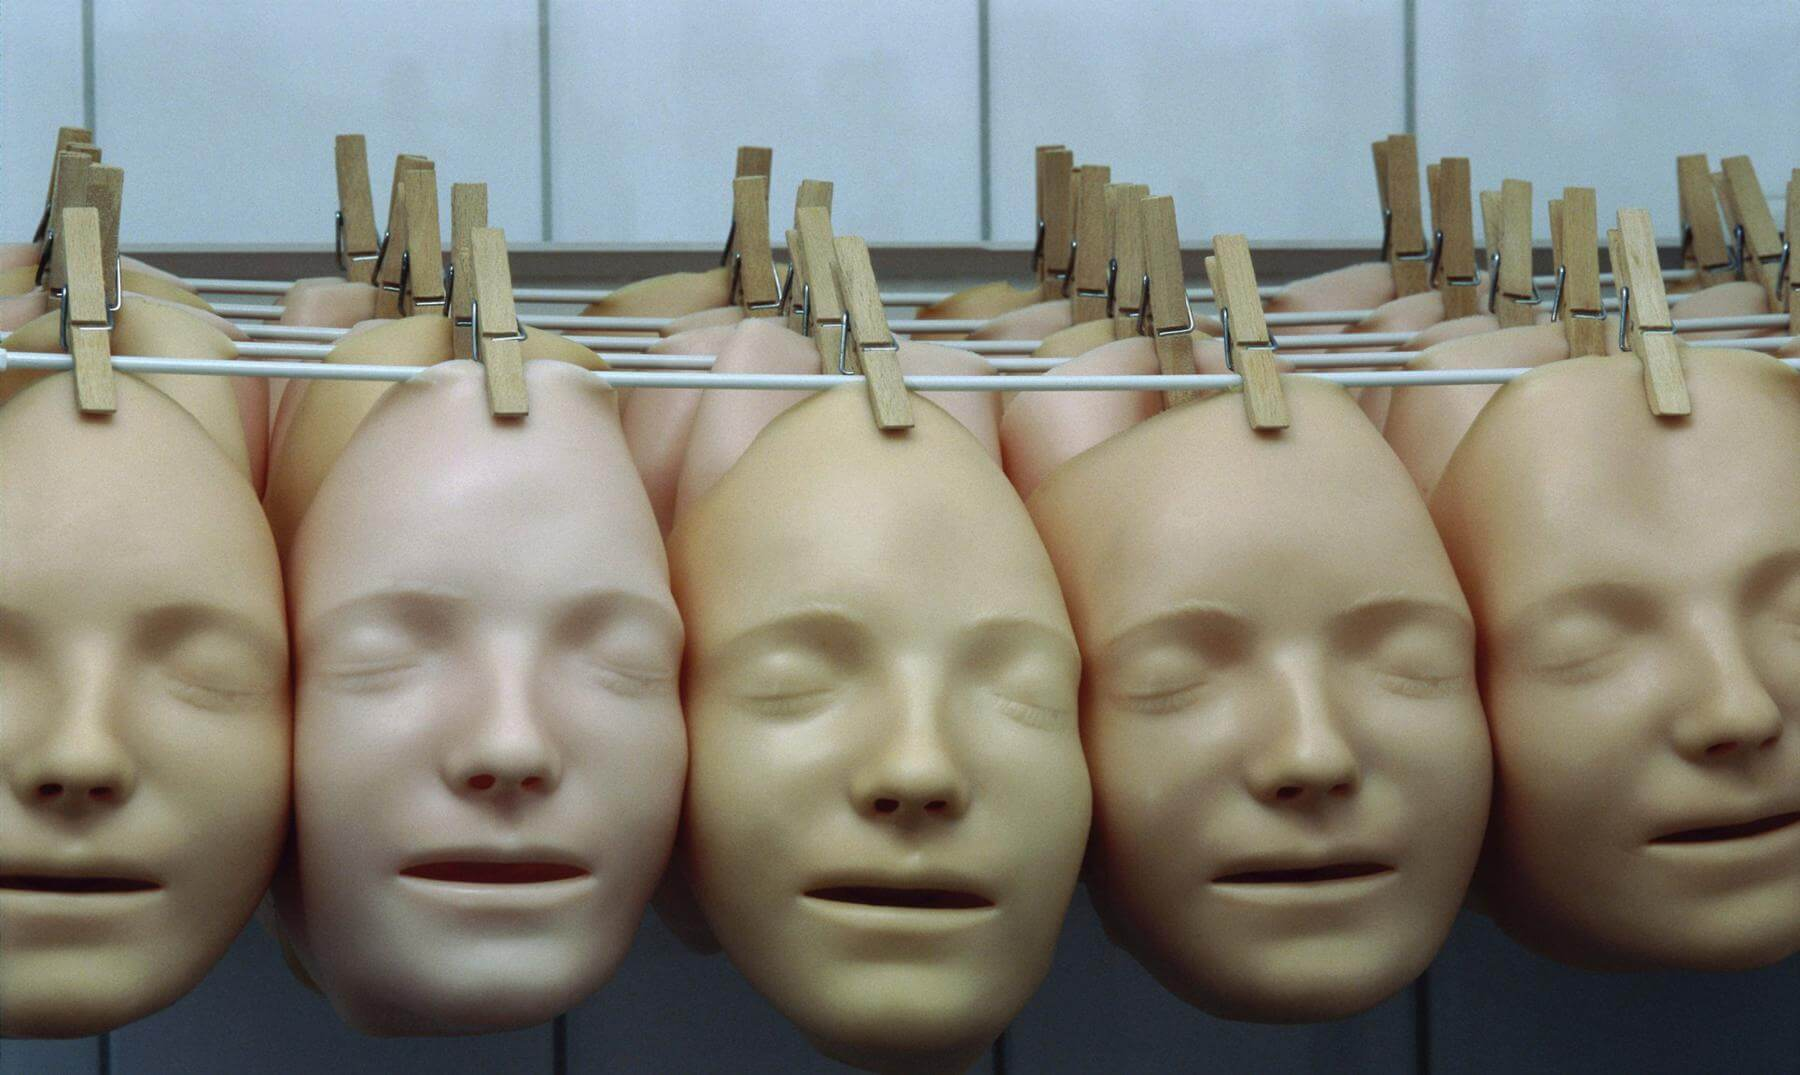 máscaras representando un alteración en el lóbulo temporal